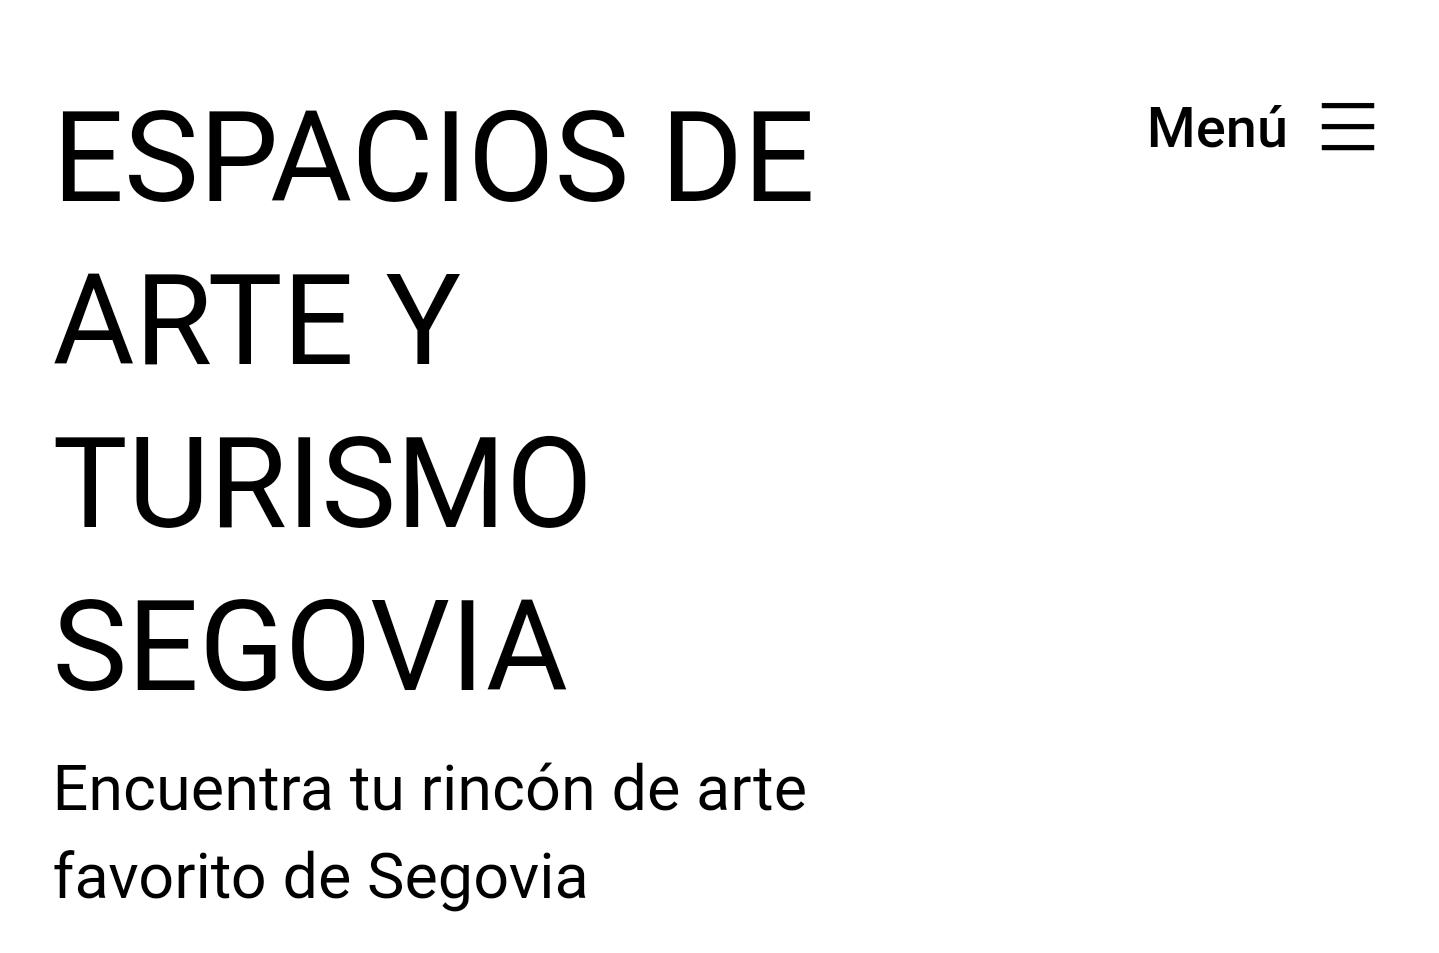 Espacios de Arte y Turismo en Segovia